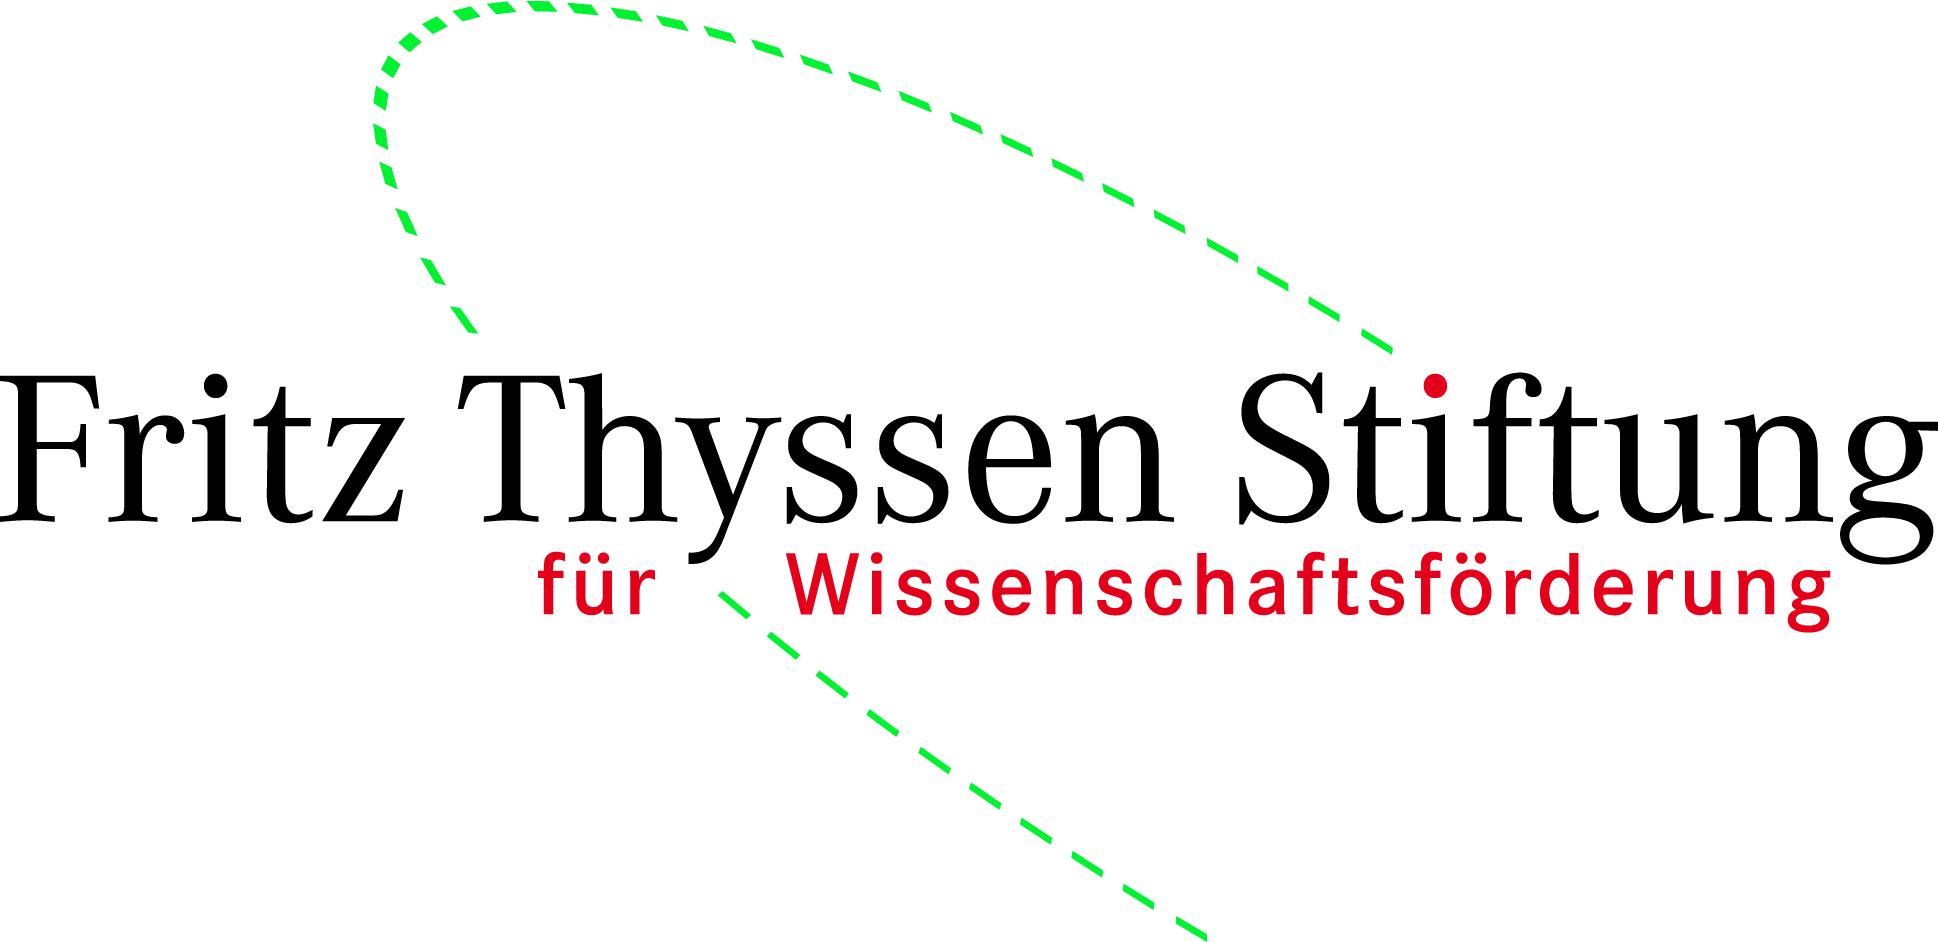 http://www.fritz-thyssen-stiftung.de/cms/wp-content/uploads/2017/10/%E2%80%A2FTS-Logo.jpg